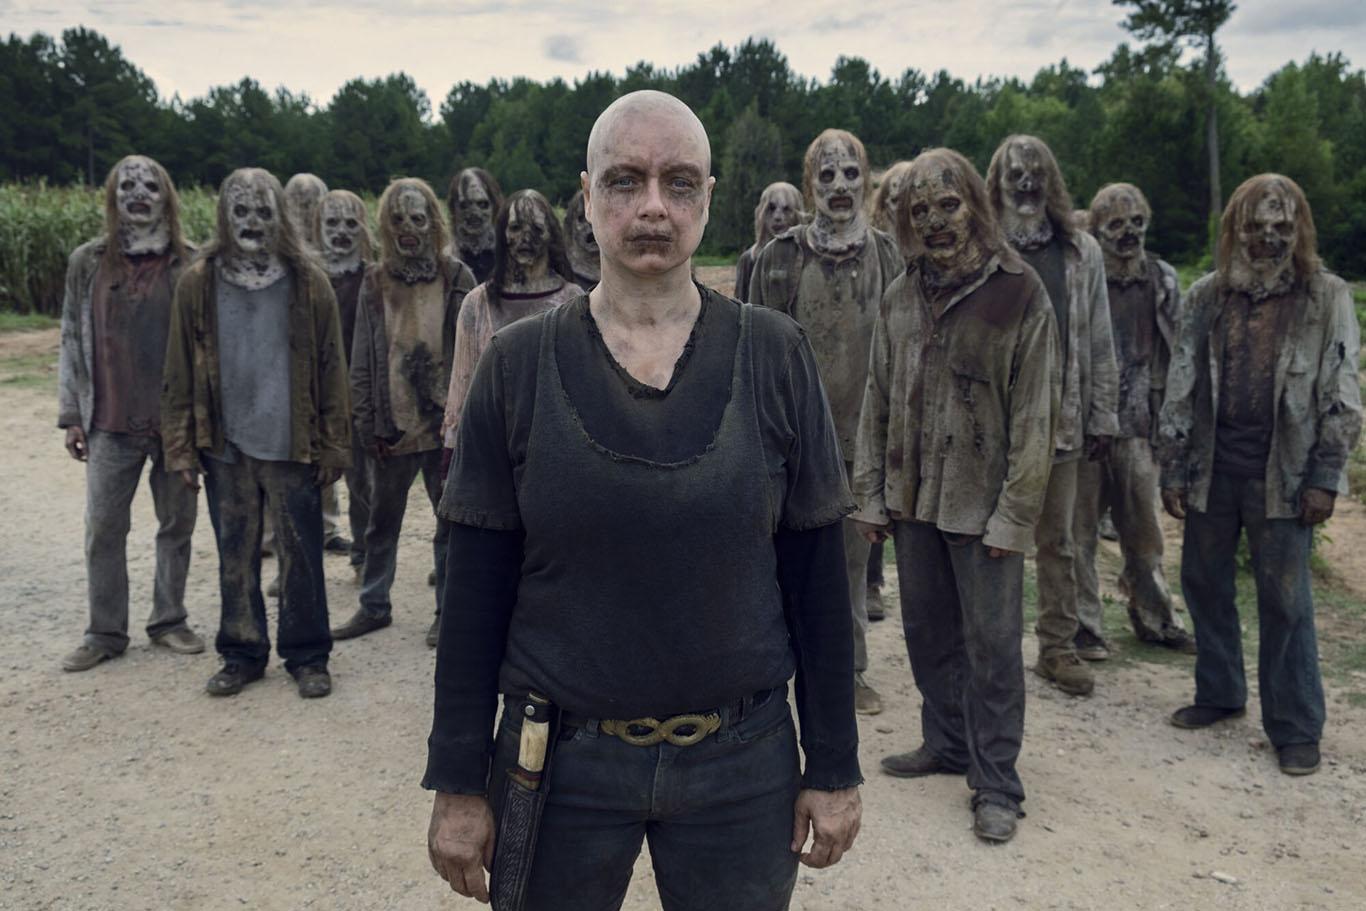 thewalkingdead2020 - Seriados 2020: 6 séries muito esperadas para esse ano